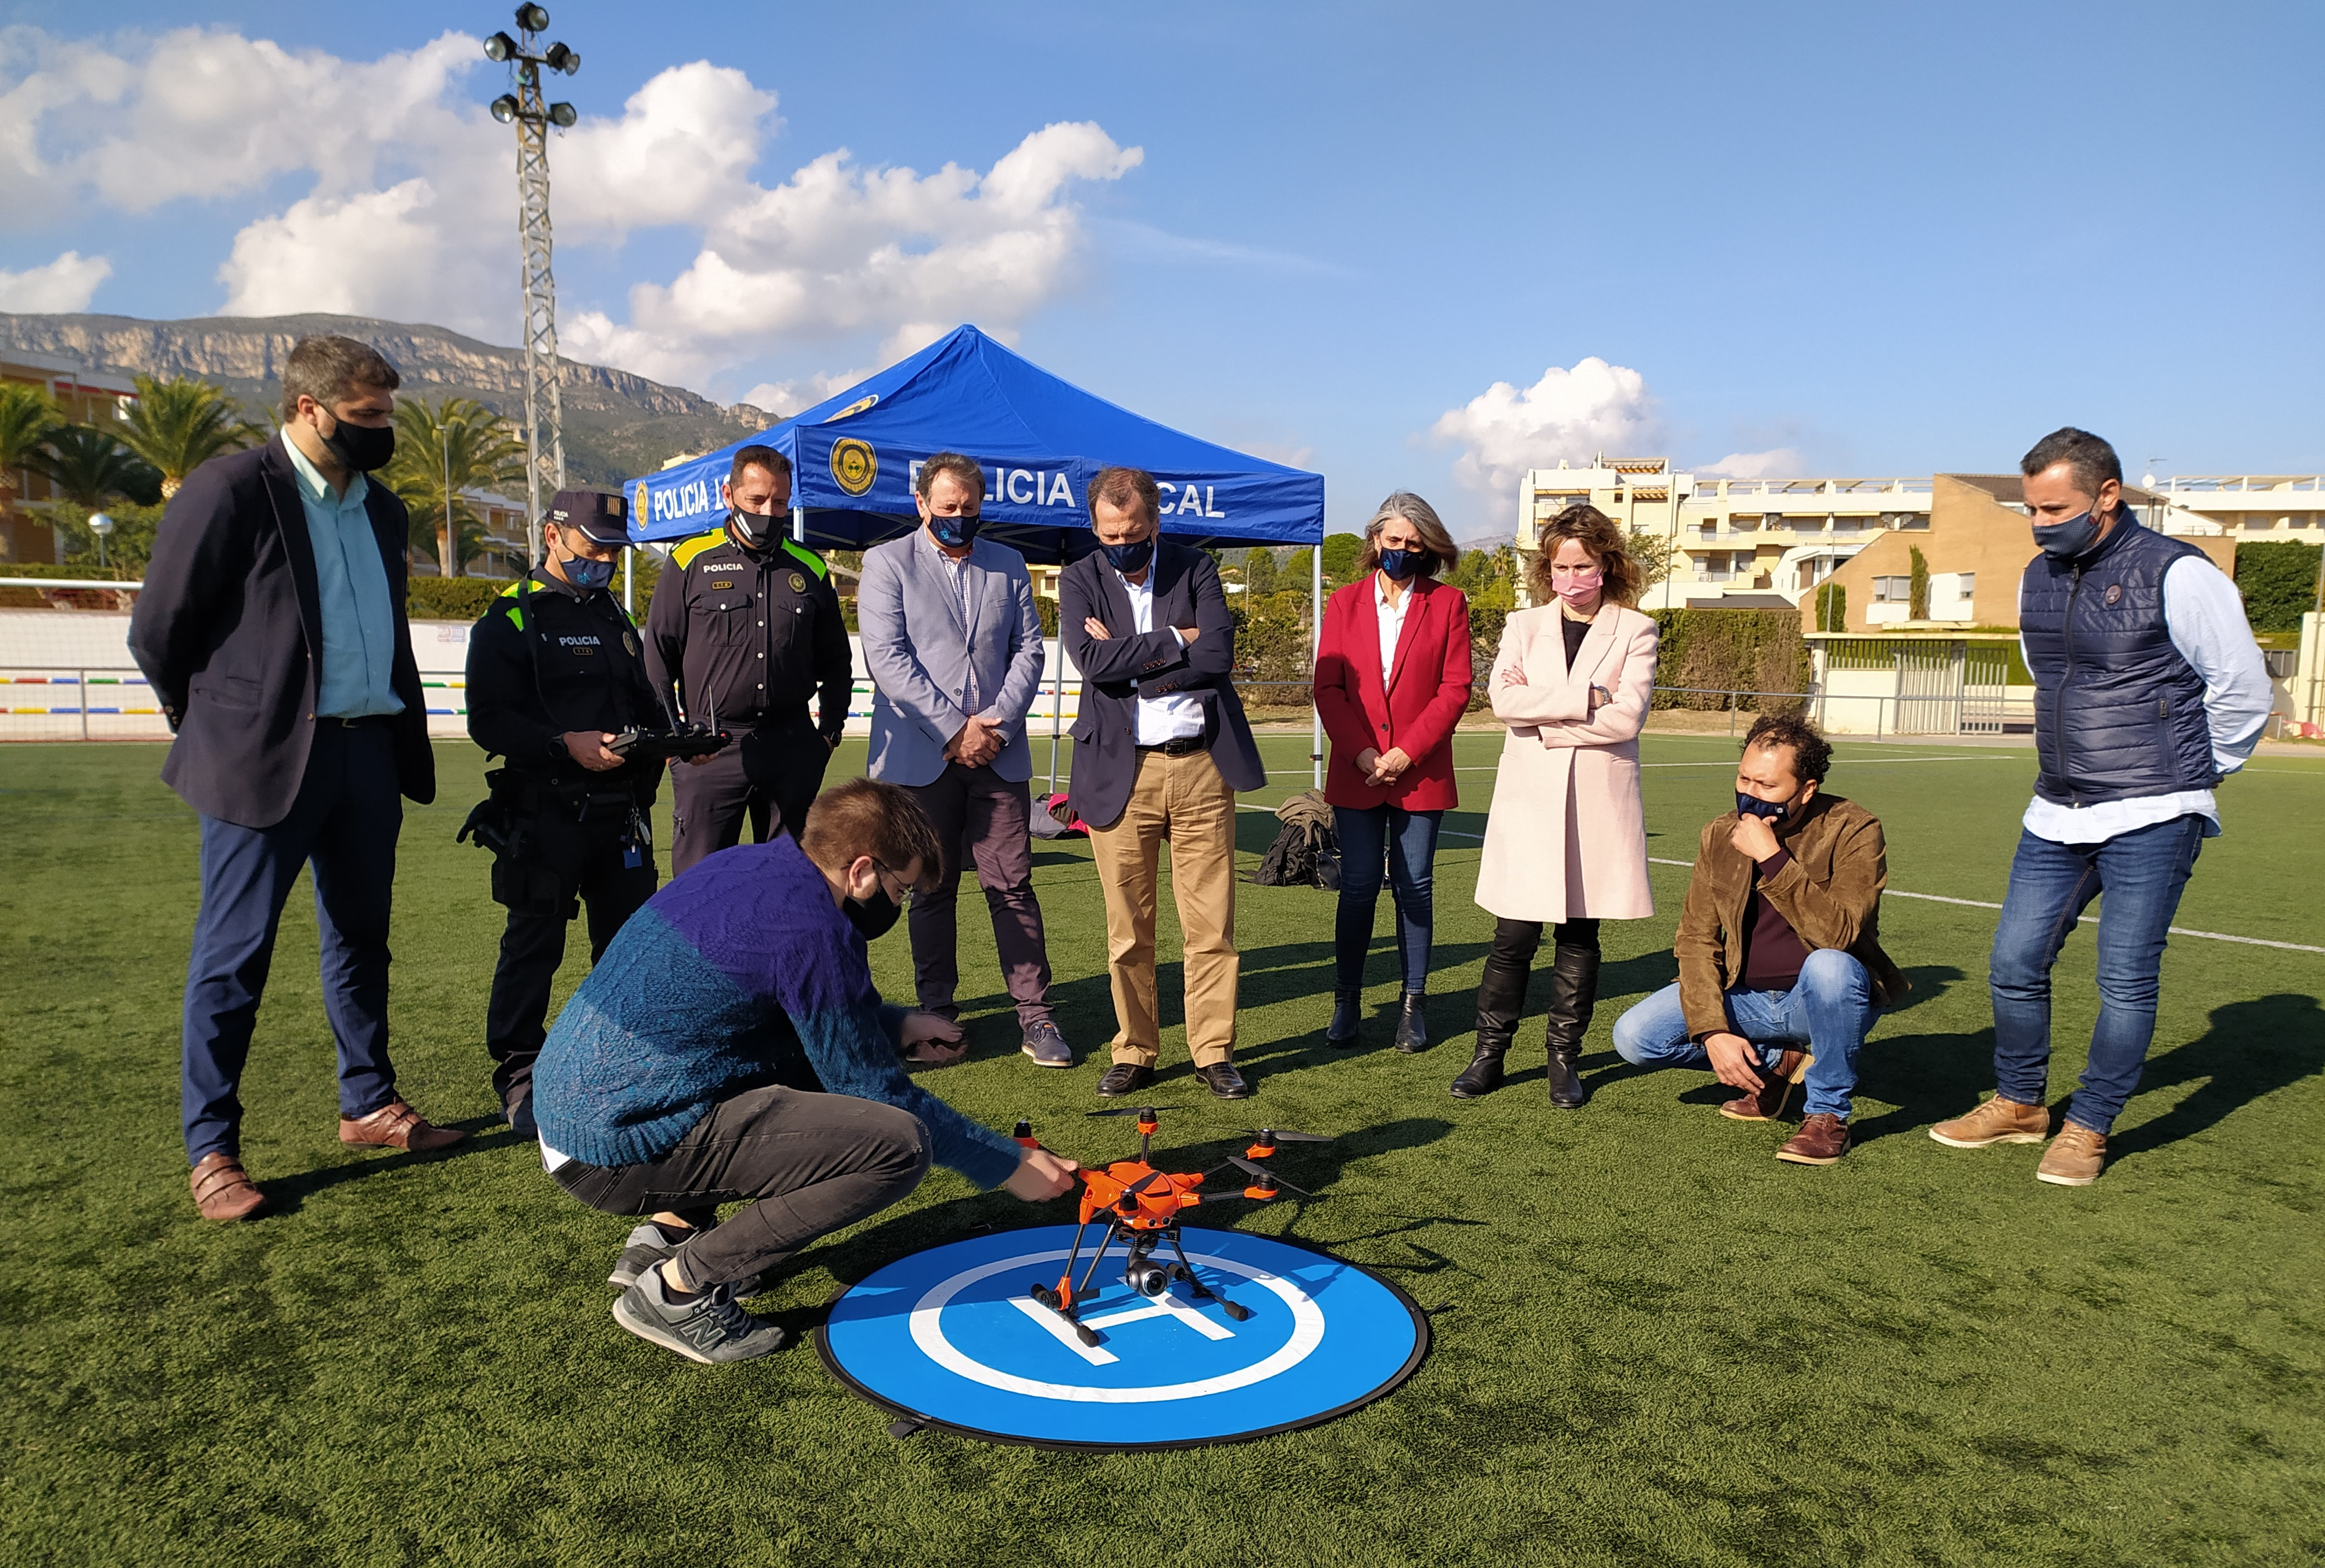 La Policia Local de Vandellòs i l'Hospitalet de l'Infant es dota d'un dron per millorar la seguretat de la ciutadania